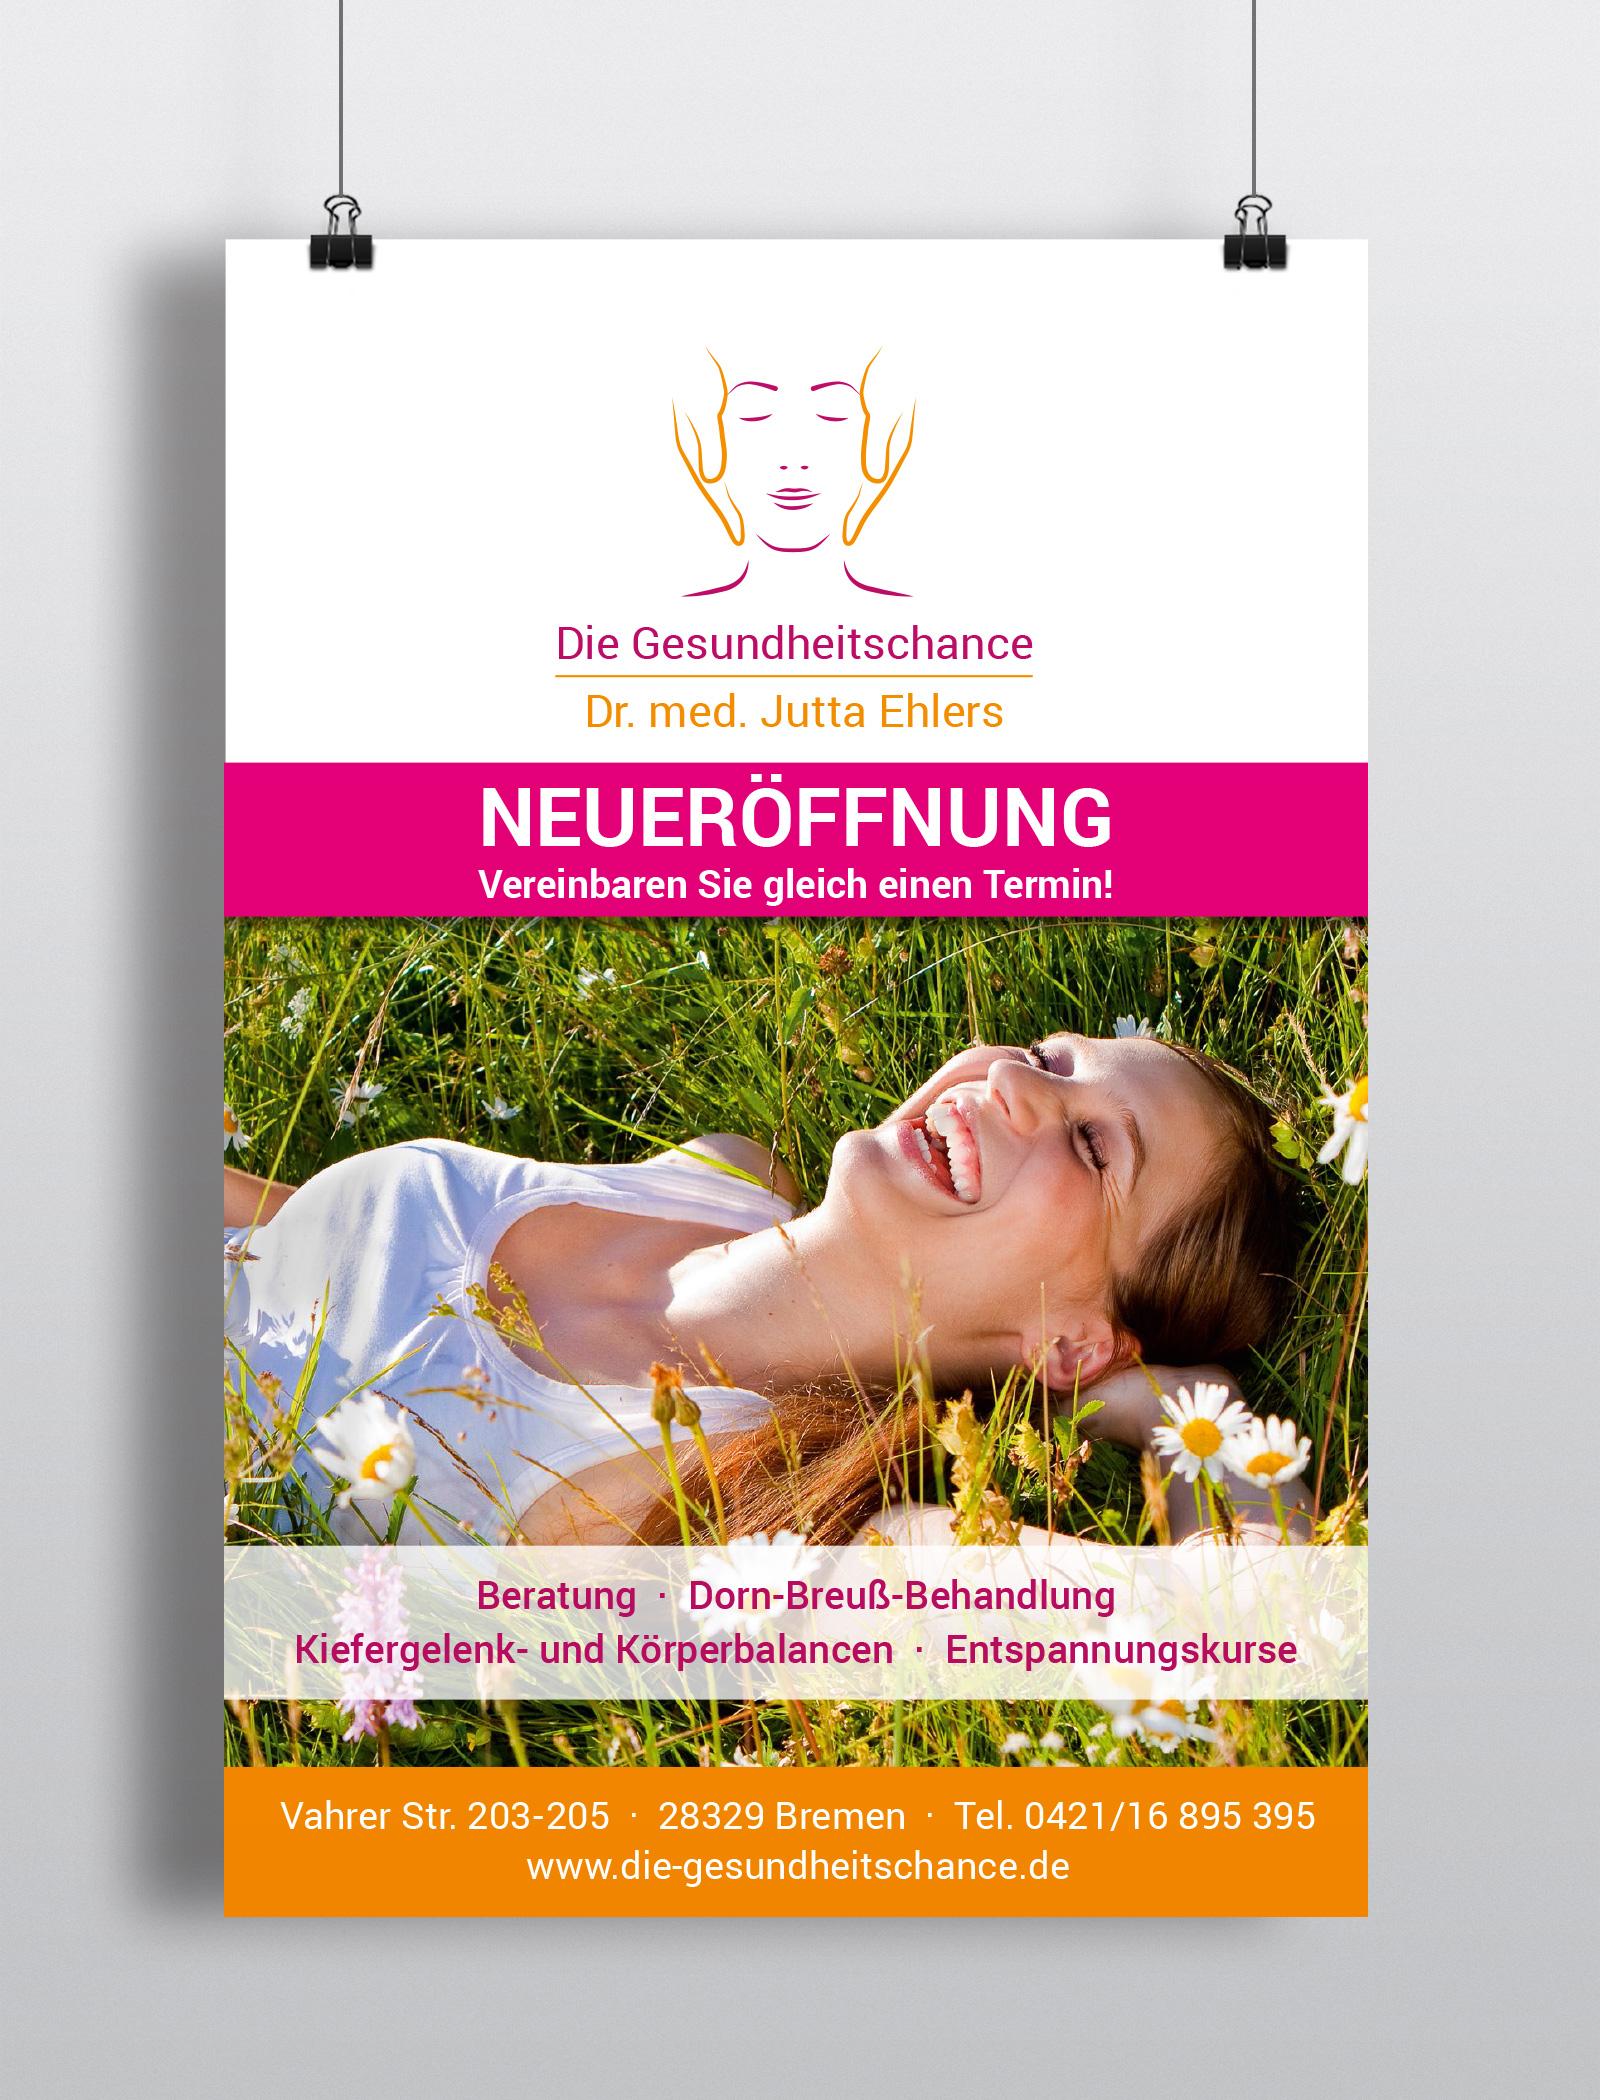 webdesign und Plakatgestaltung: readymade Werbeagentur Bremen und Verden